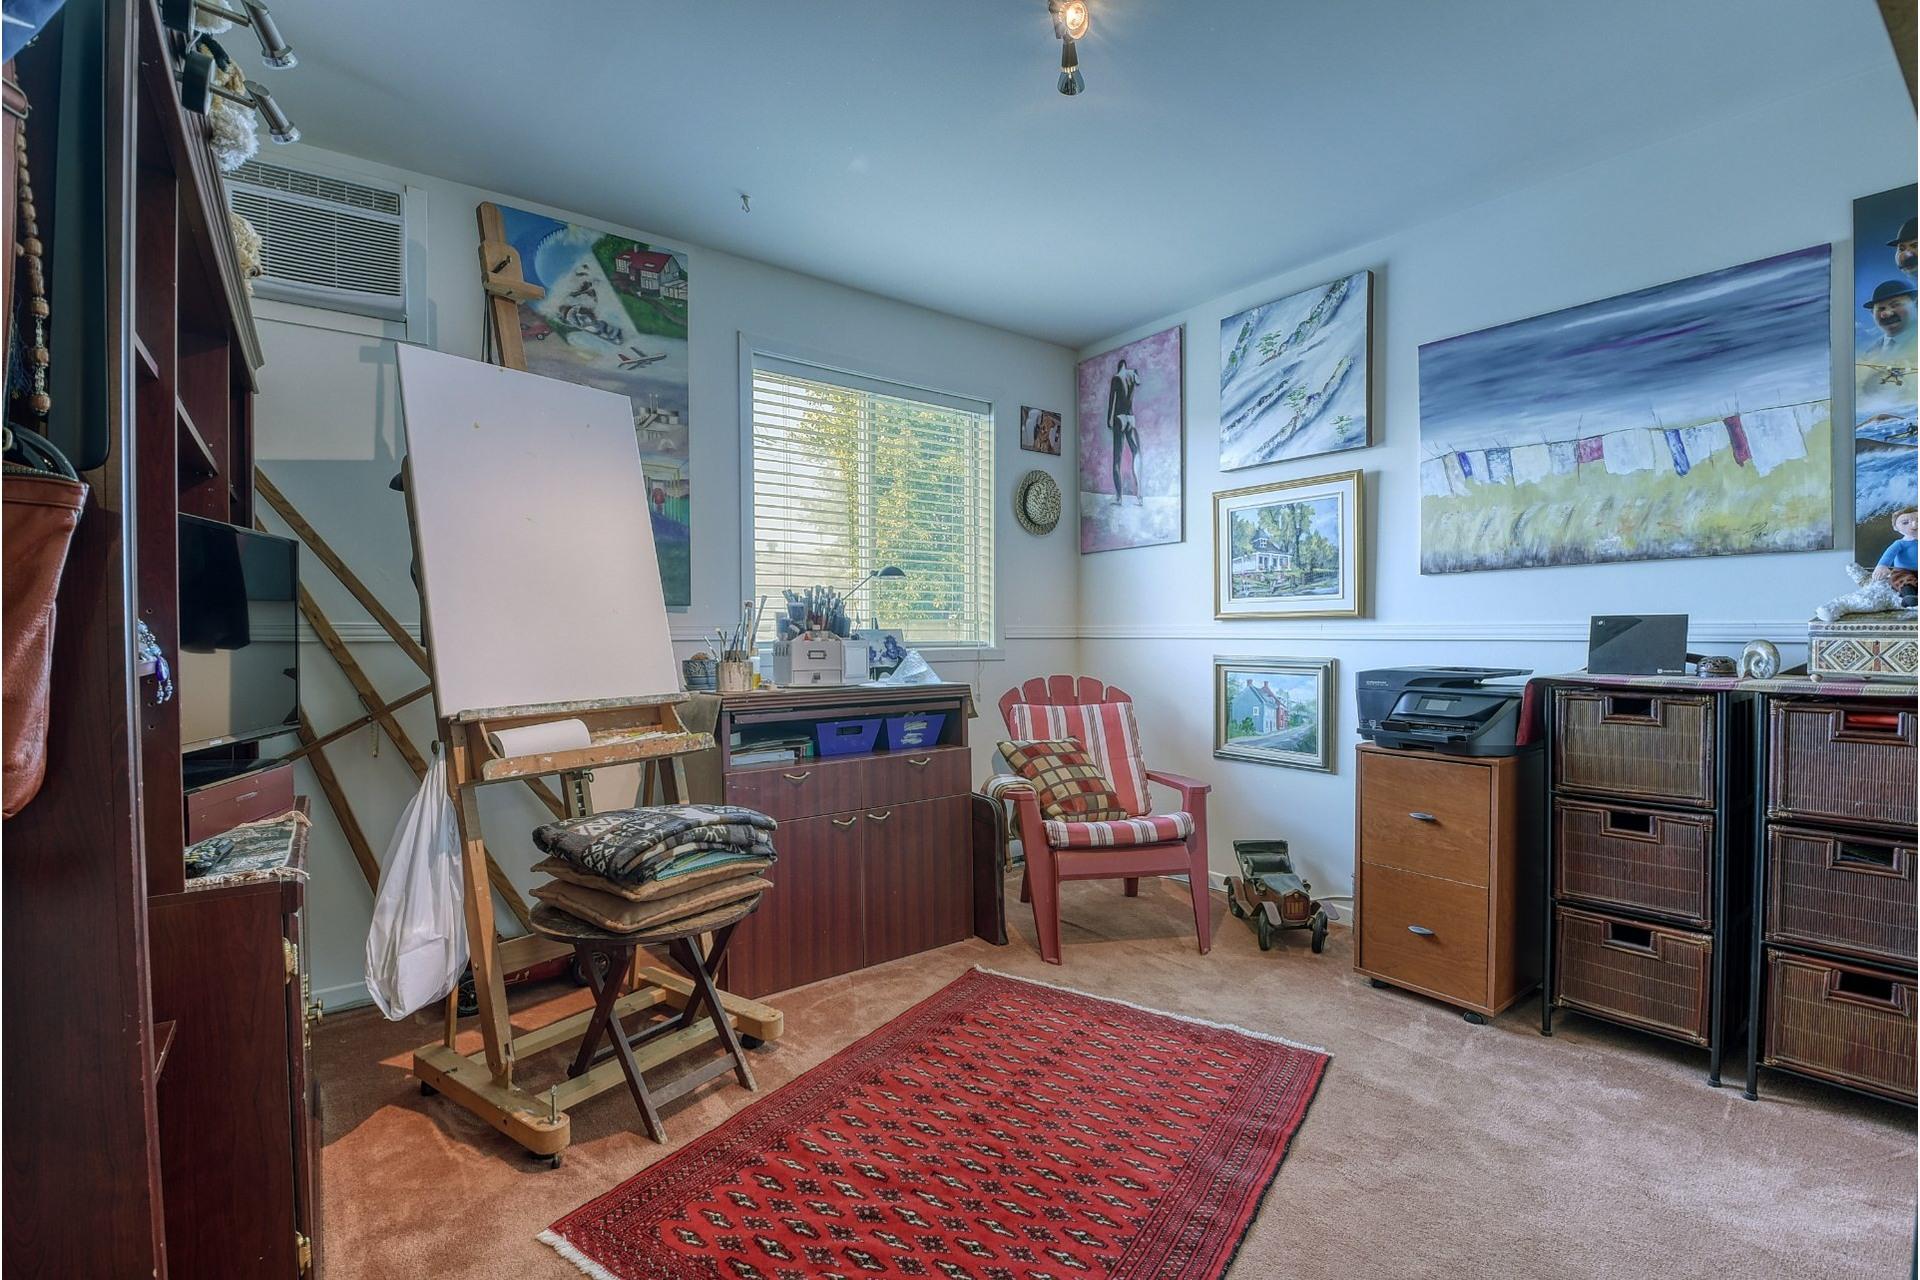 image 17 - House For sale Rivière-des-Prairies/Pointe-aux-Trembles Montréal  - 9 rooms